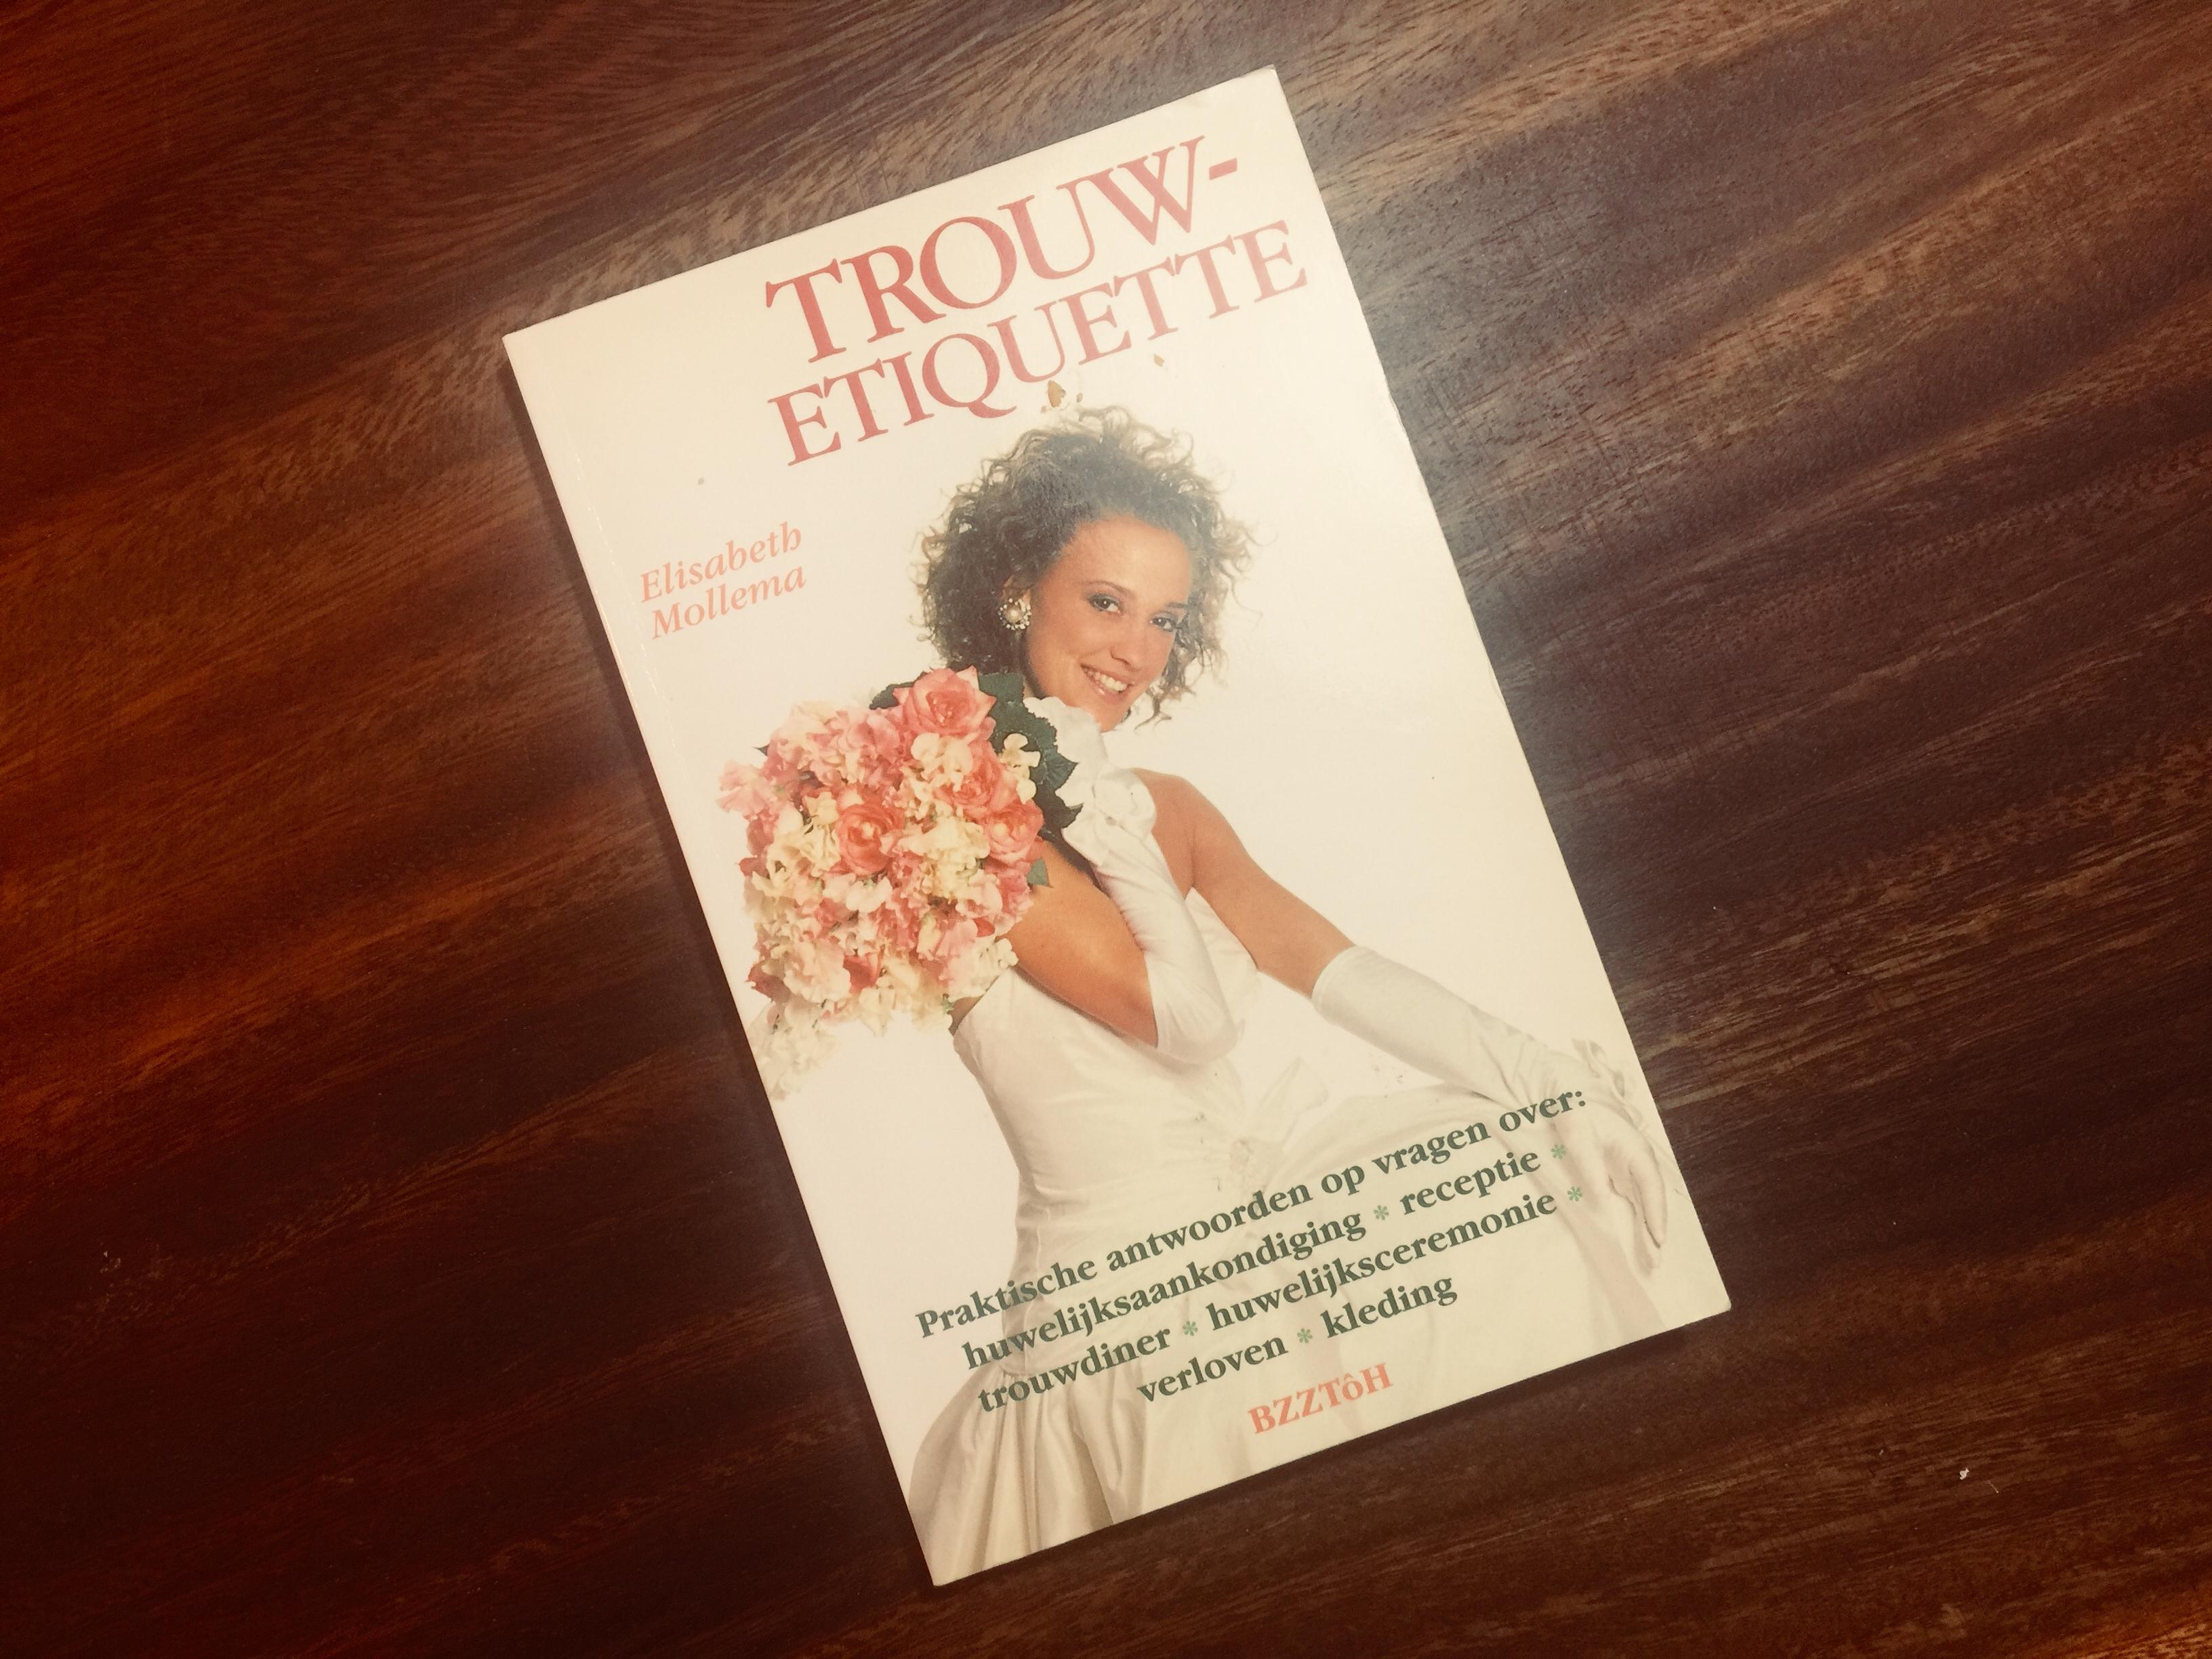 Bruidstaart etiquette